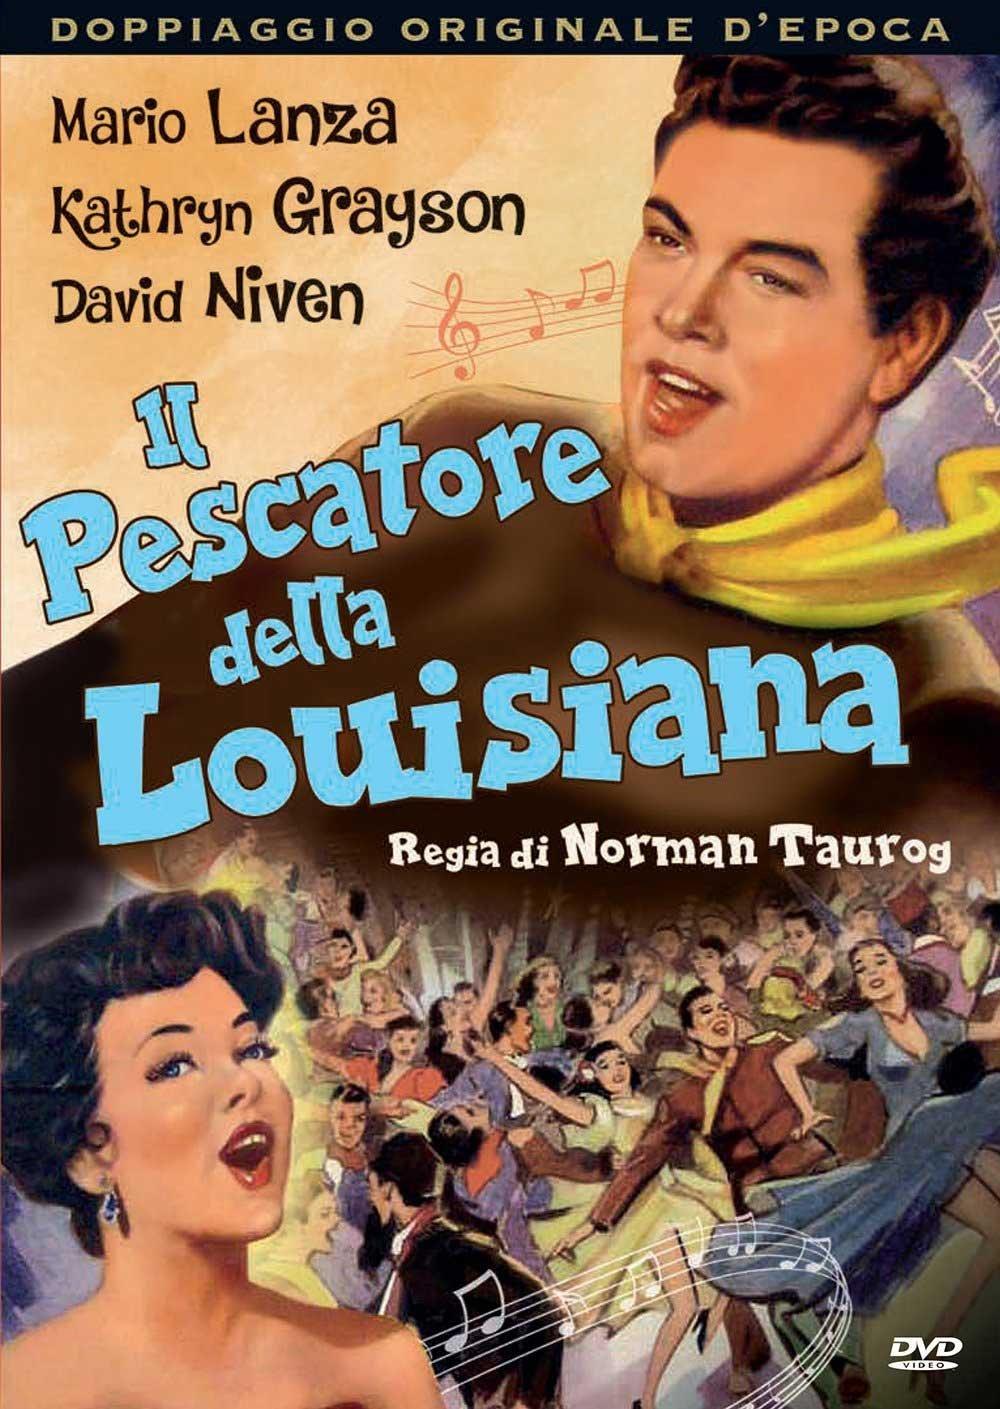 IL PESCATORE DELLA LOUISIANA (DVD)